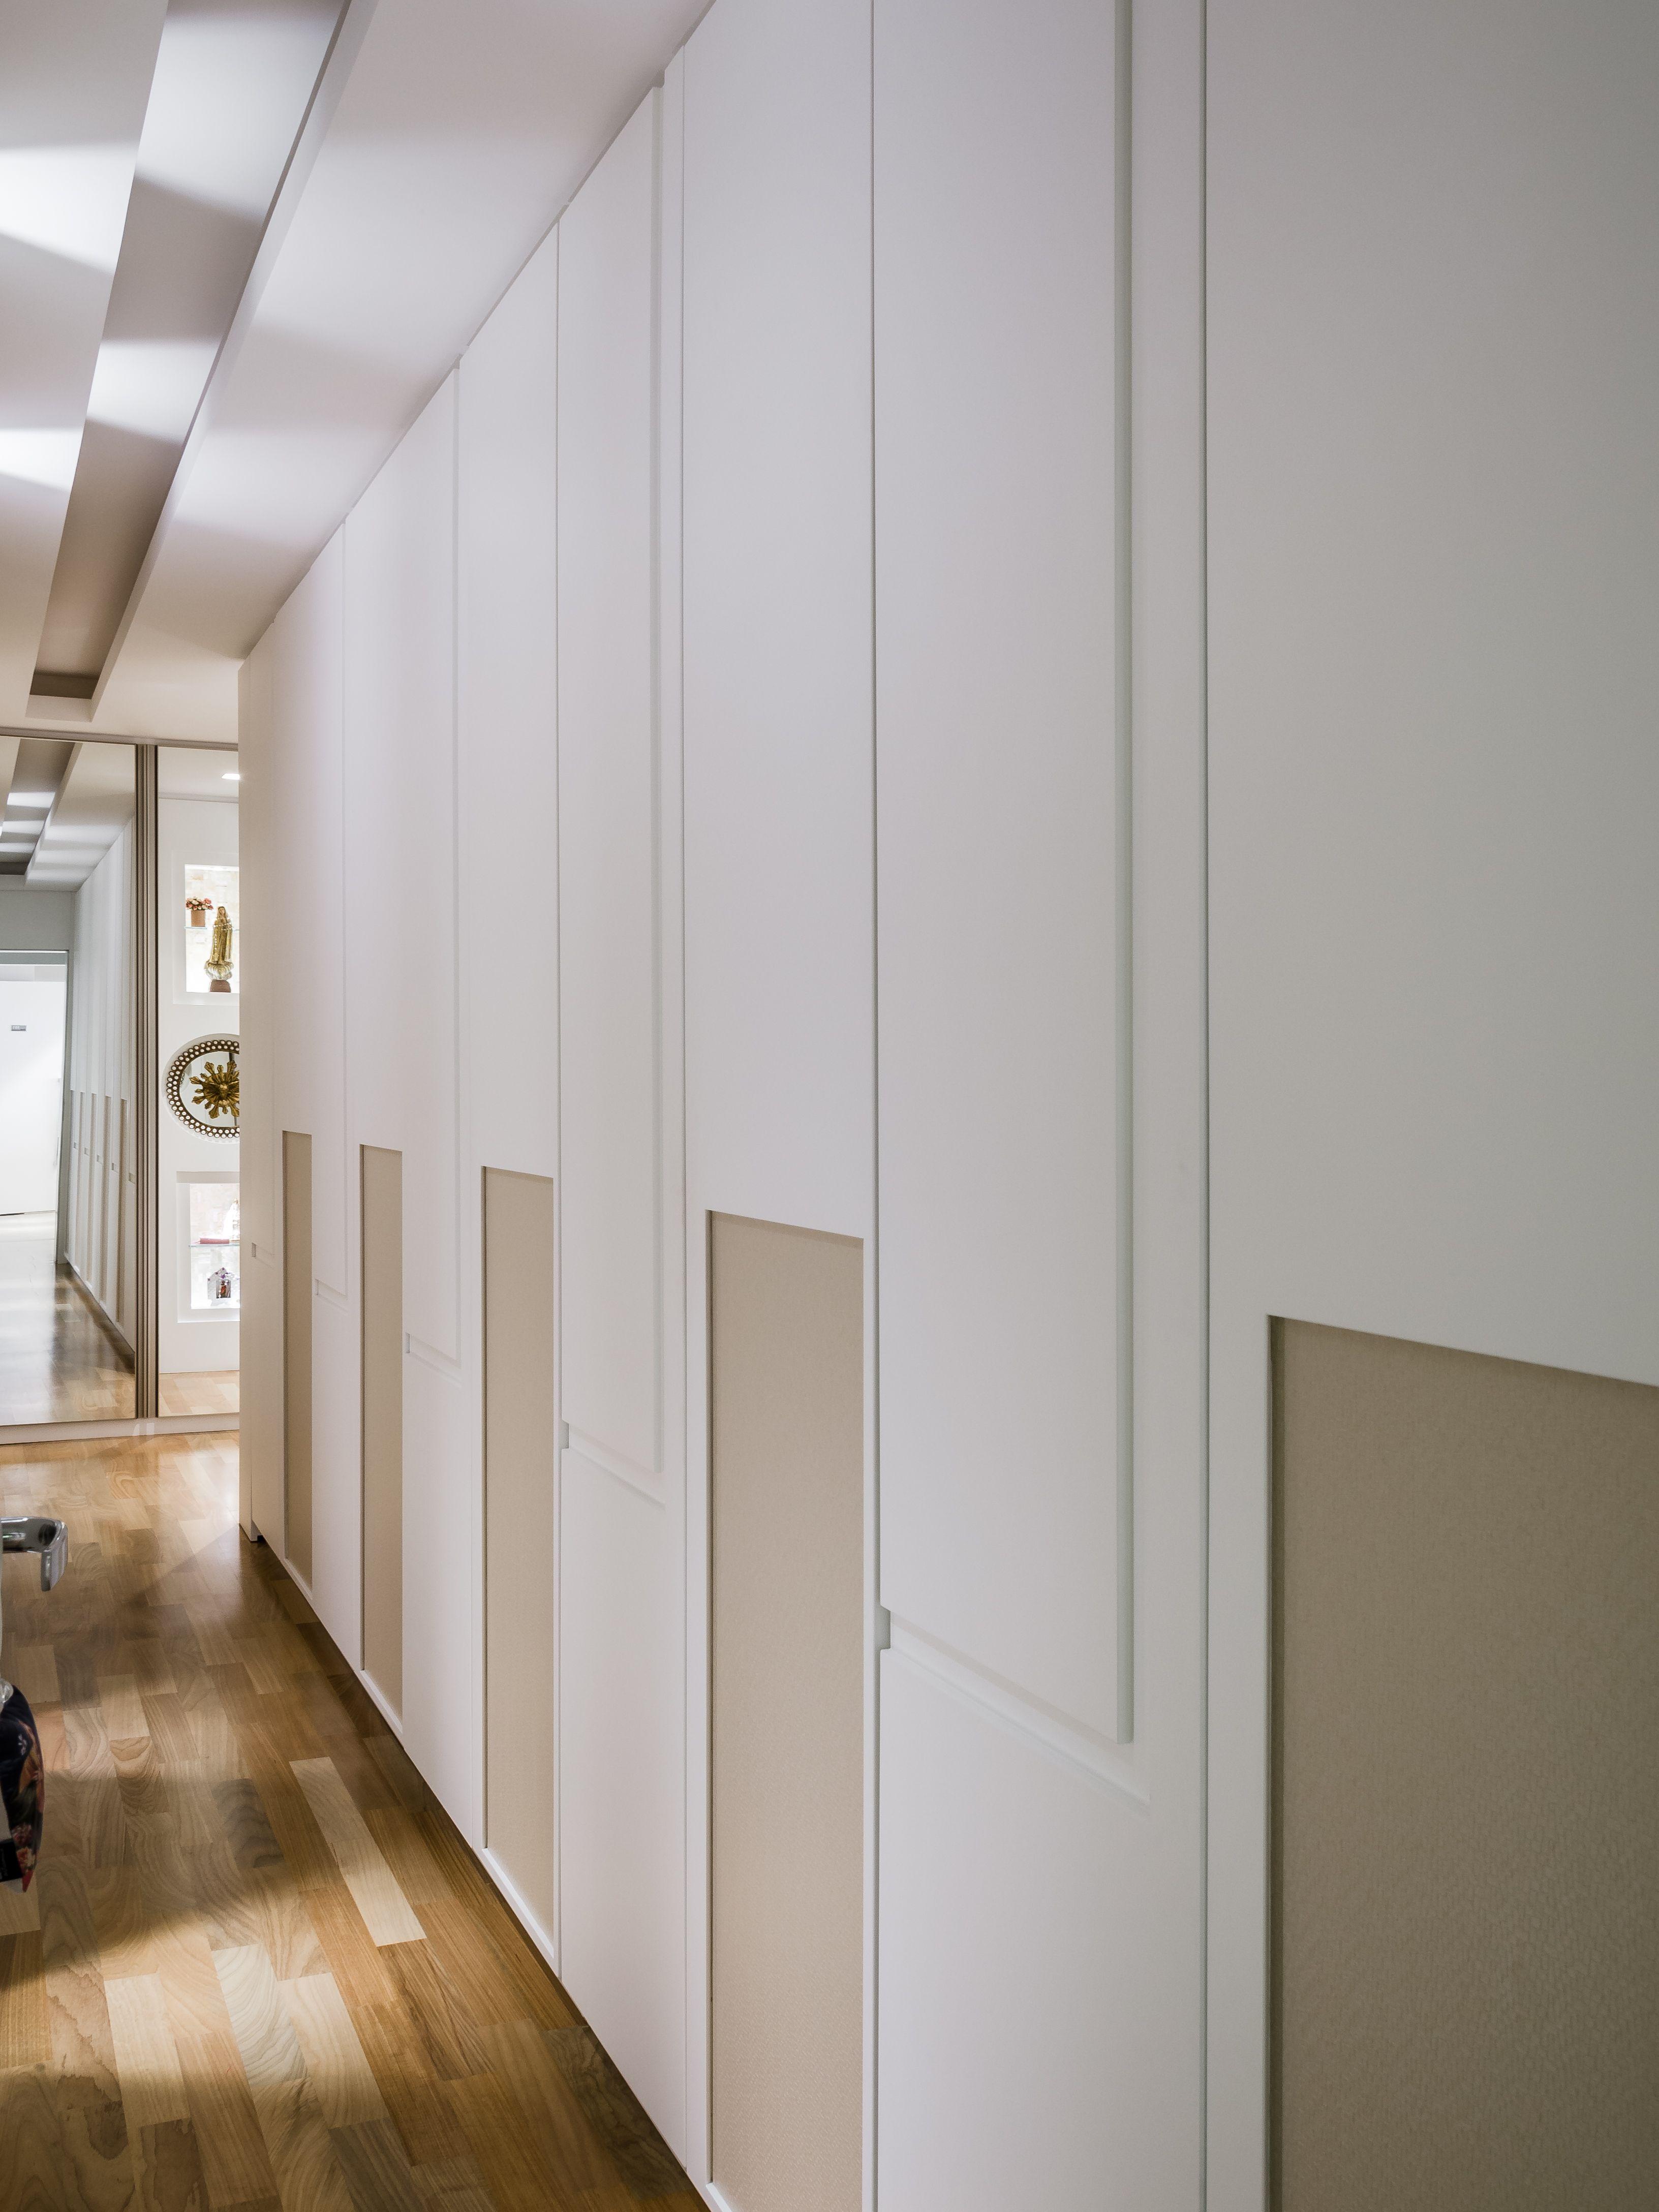 Aparador Leroy Merlyn ~ closet, armário, quarto, corredor, gesso, sanca, armário com papel de parede OKHA  Pinterest